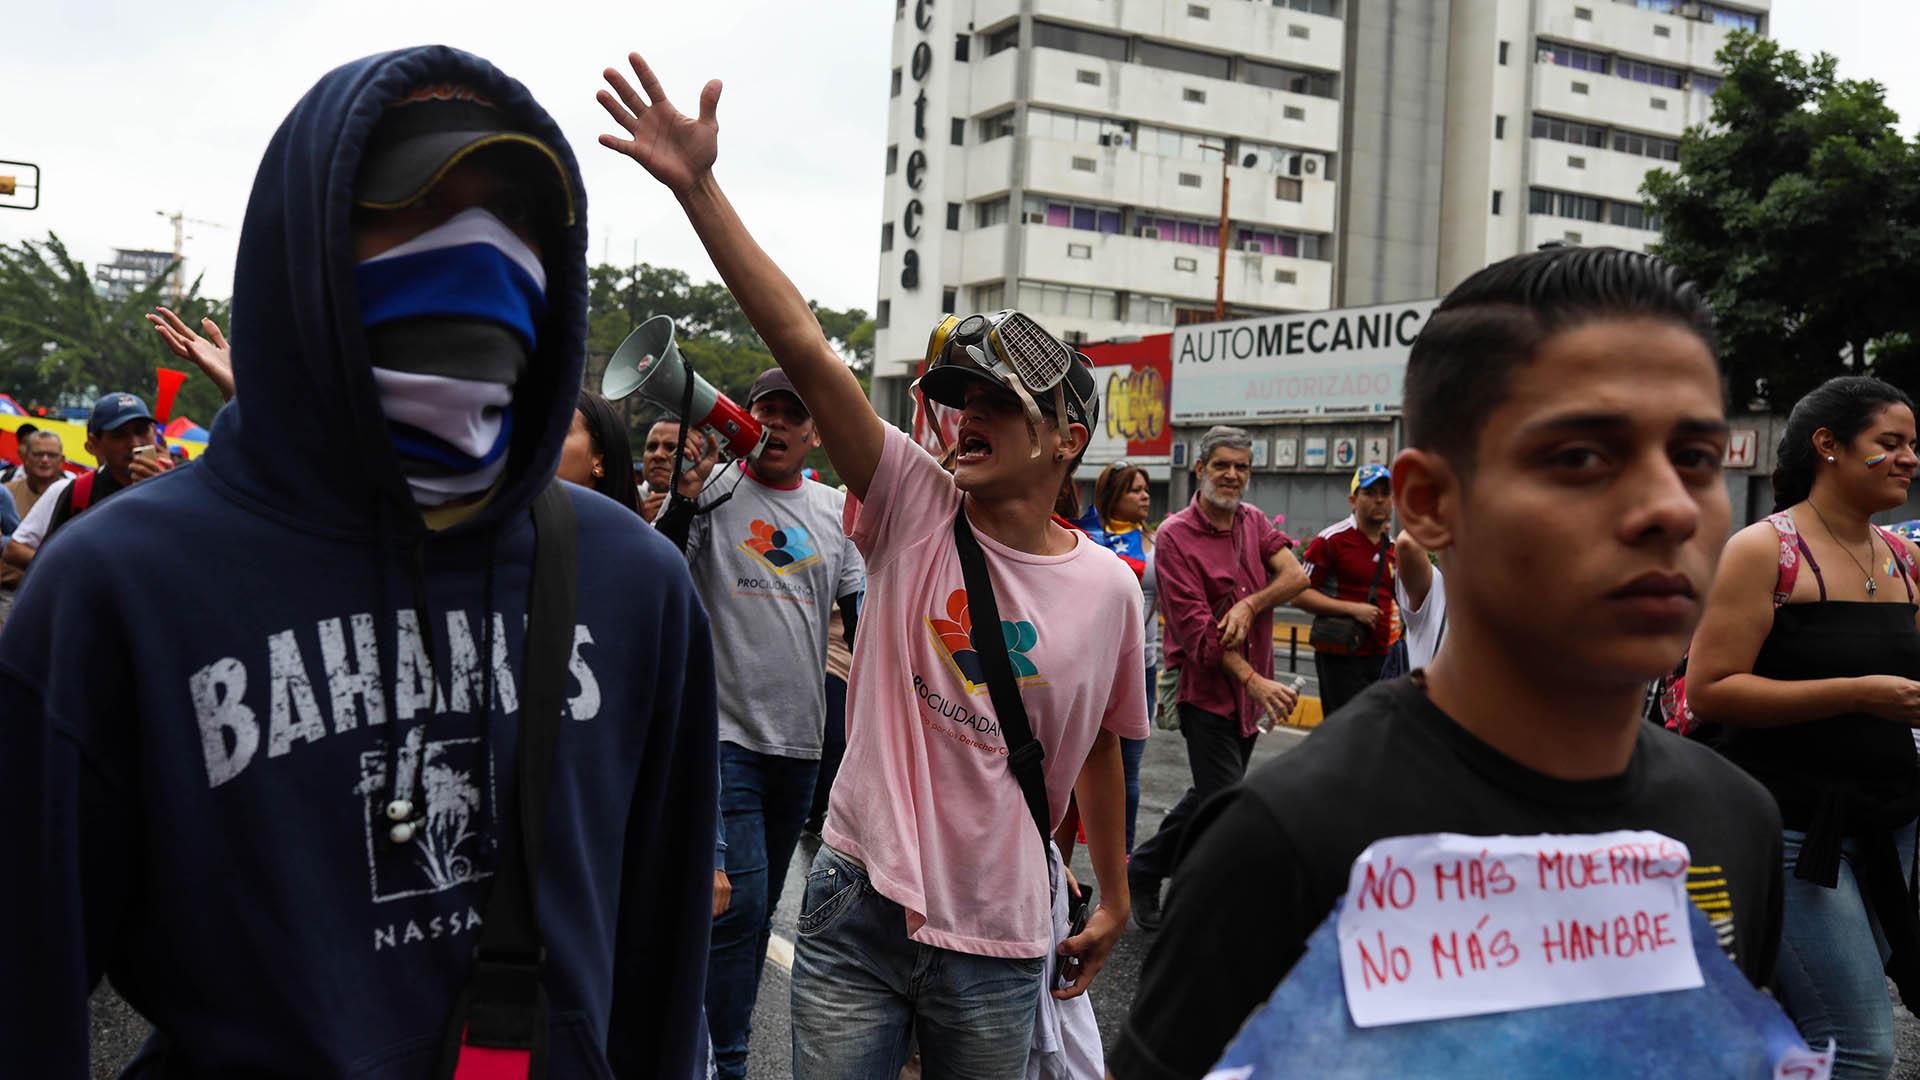 """""""Estamos marchando para que Guaidó se proclame presidente. No queremos a Maduro que es un usurpador. Estamos aquí para que se restituya la democracia"""", declaró a AFP Argenis Ramos, docente de 32 años, vestido de blanco, en el este de Caracas"""